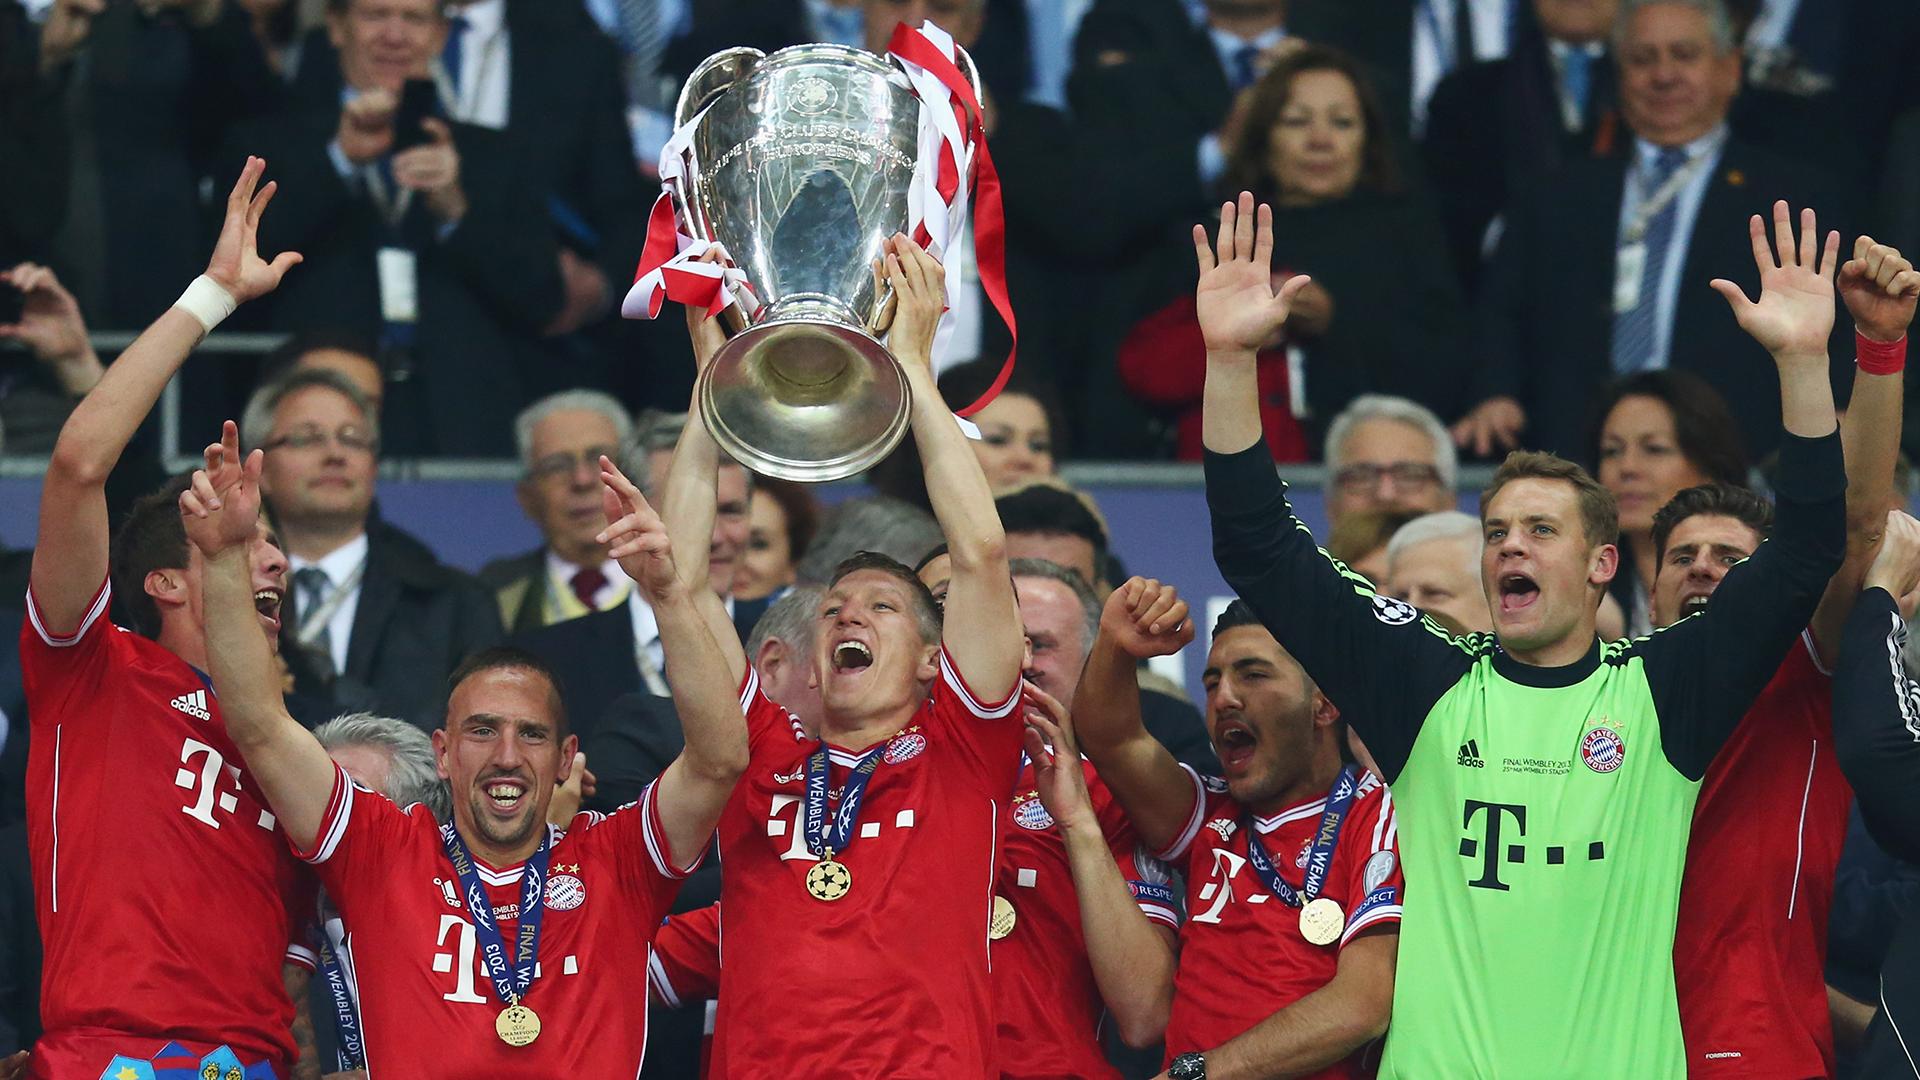 Bayern 2013 Champions League winners